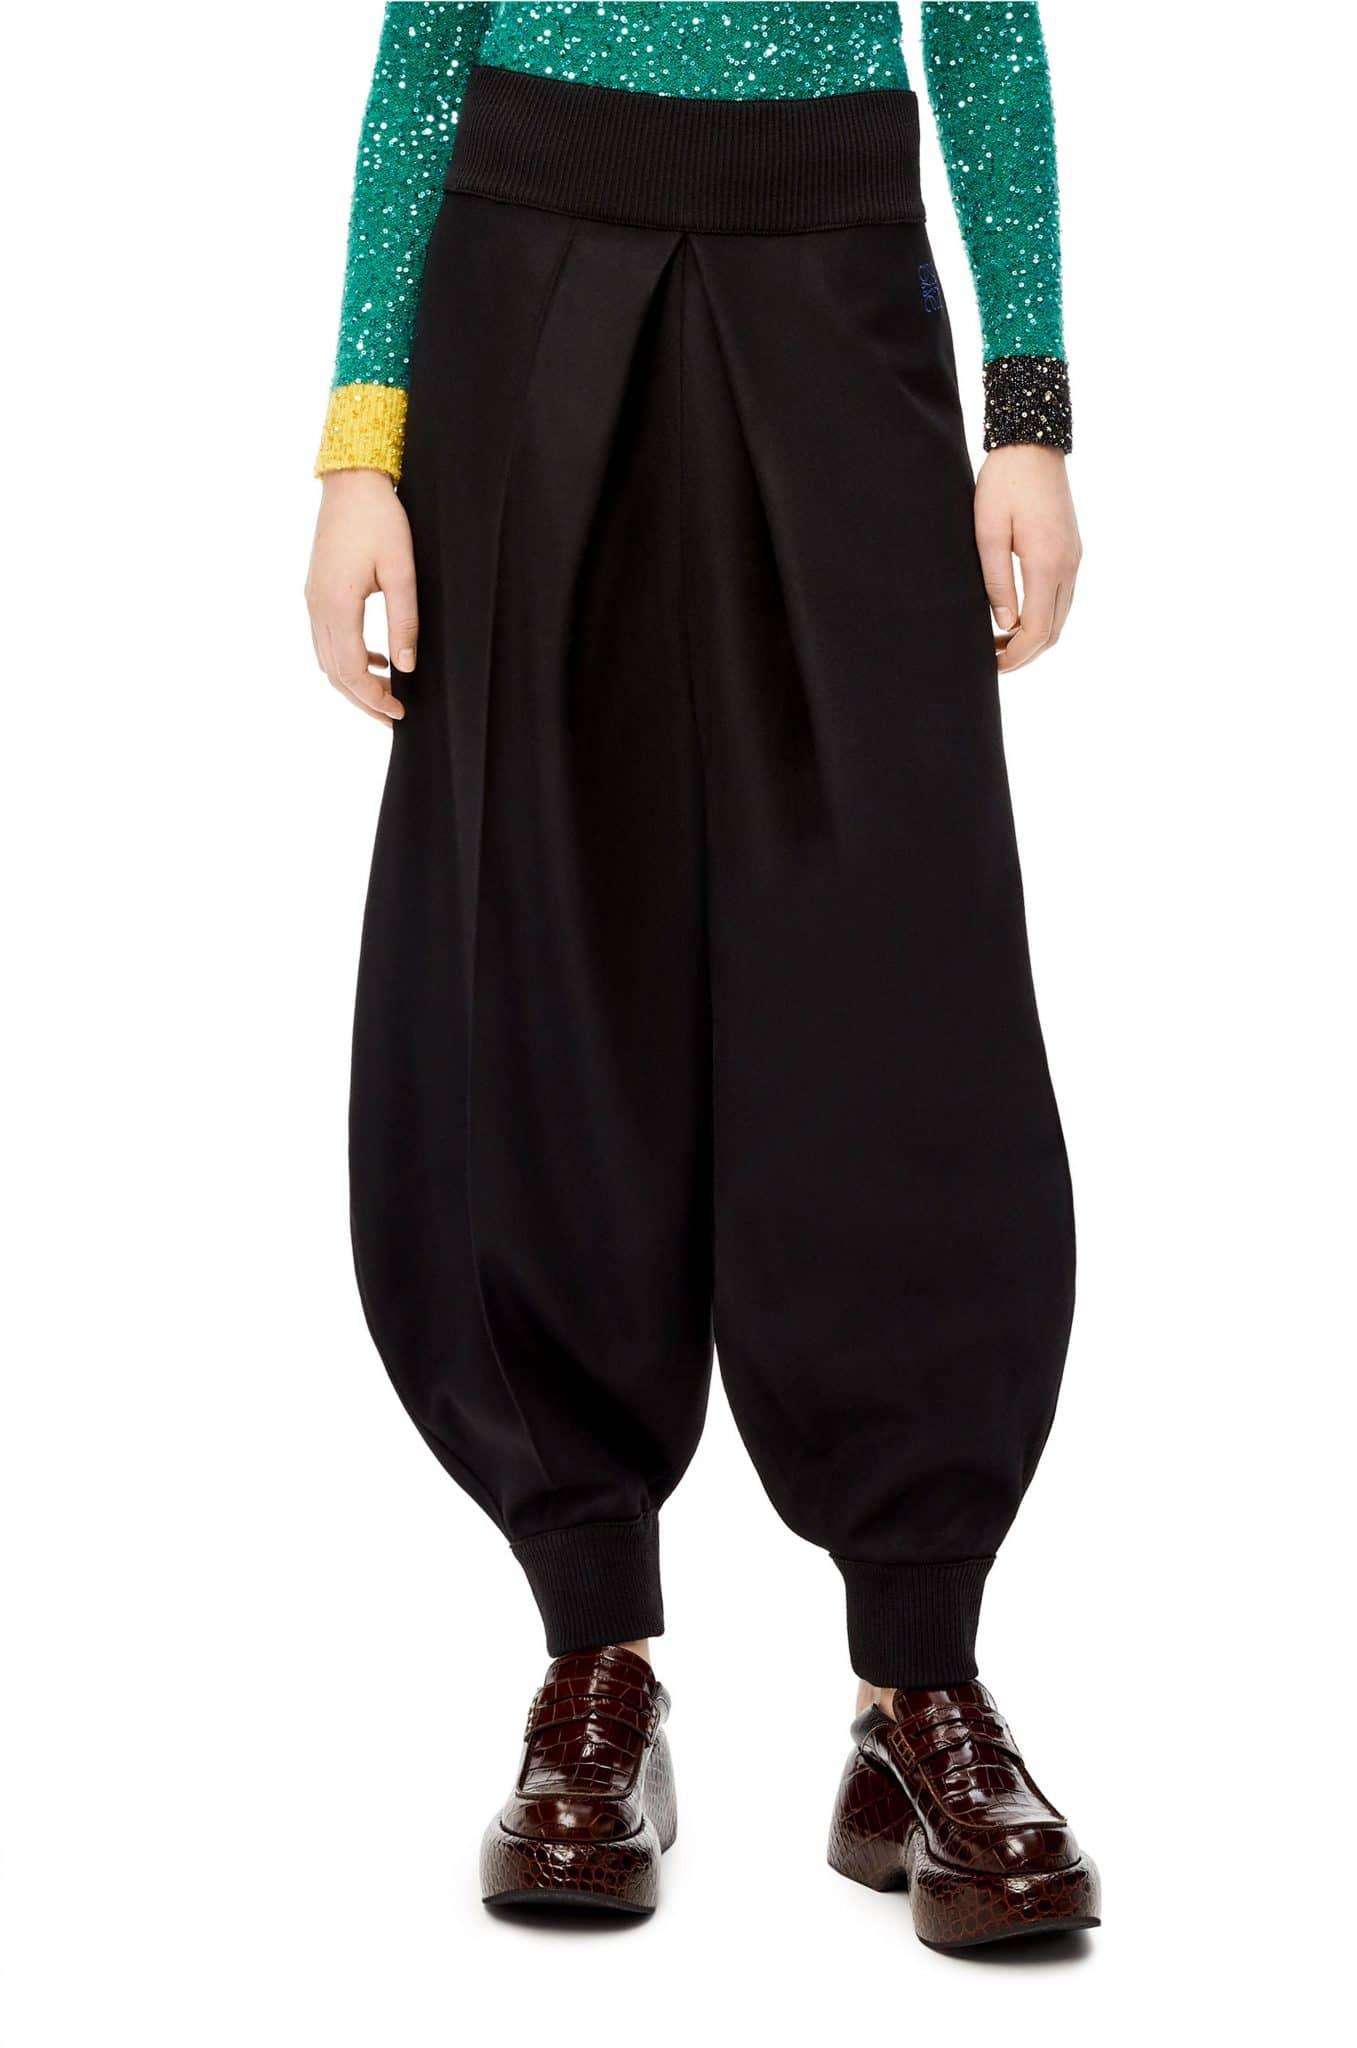 NOVEDAD Pantalones globo confeccionados en lana loewe